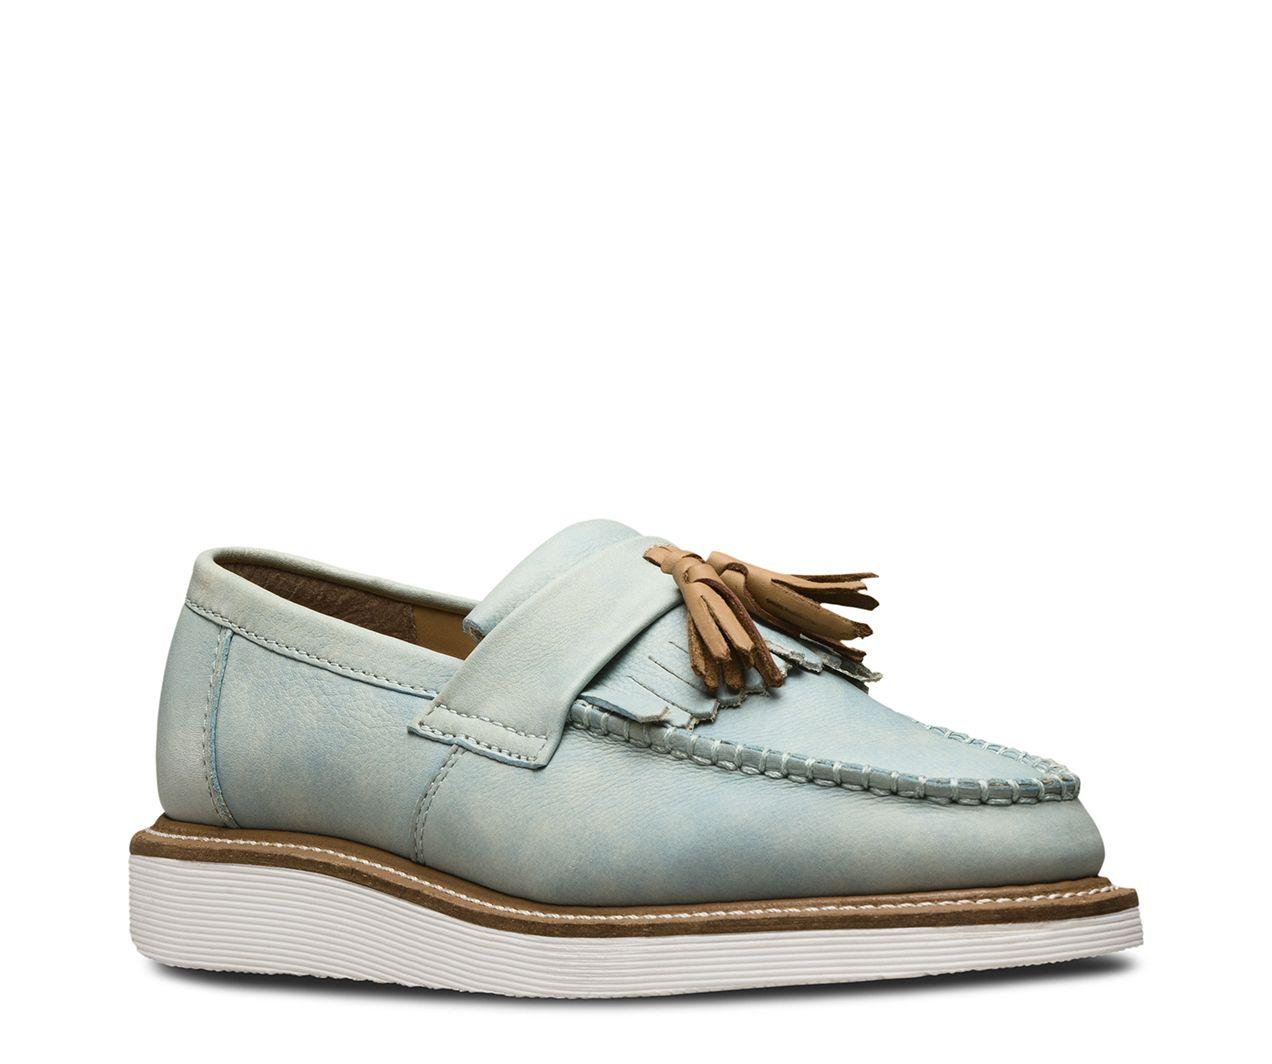 e79e82f1a5df5 Les chaussures Annah sont des mocassins à pampilles légers, au style  résolument féminin. En cuir souple couleur jean délavé baptisé « Blizzard  Rave » ...